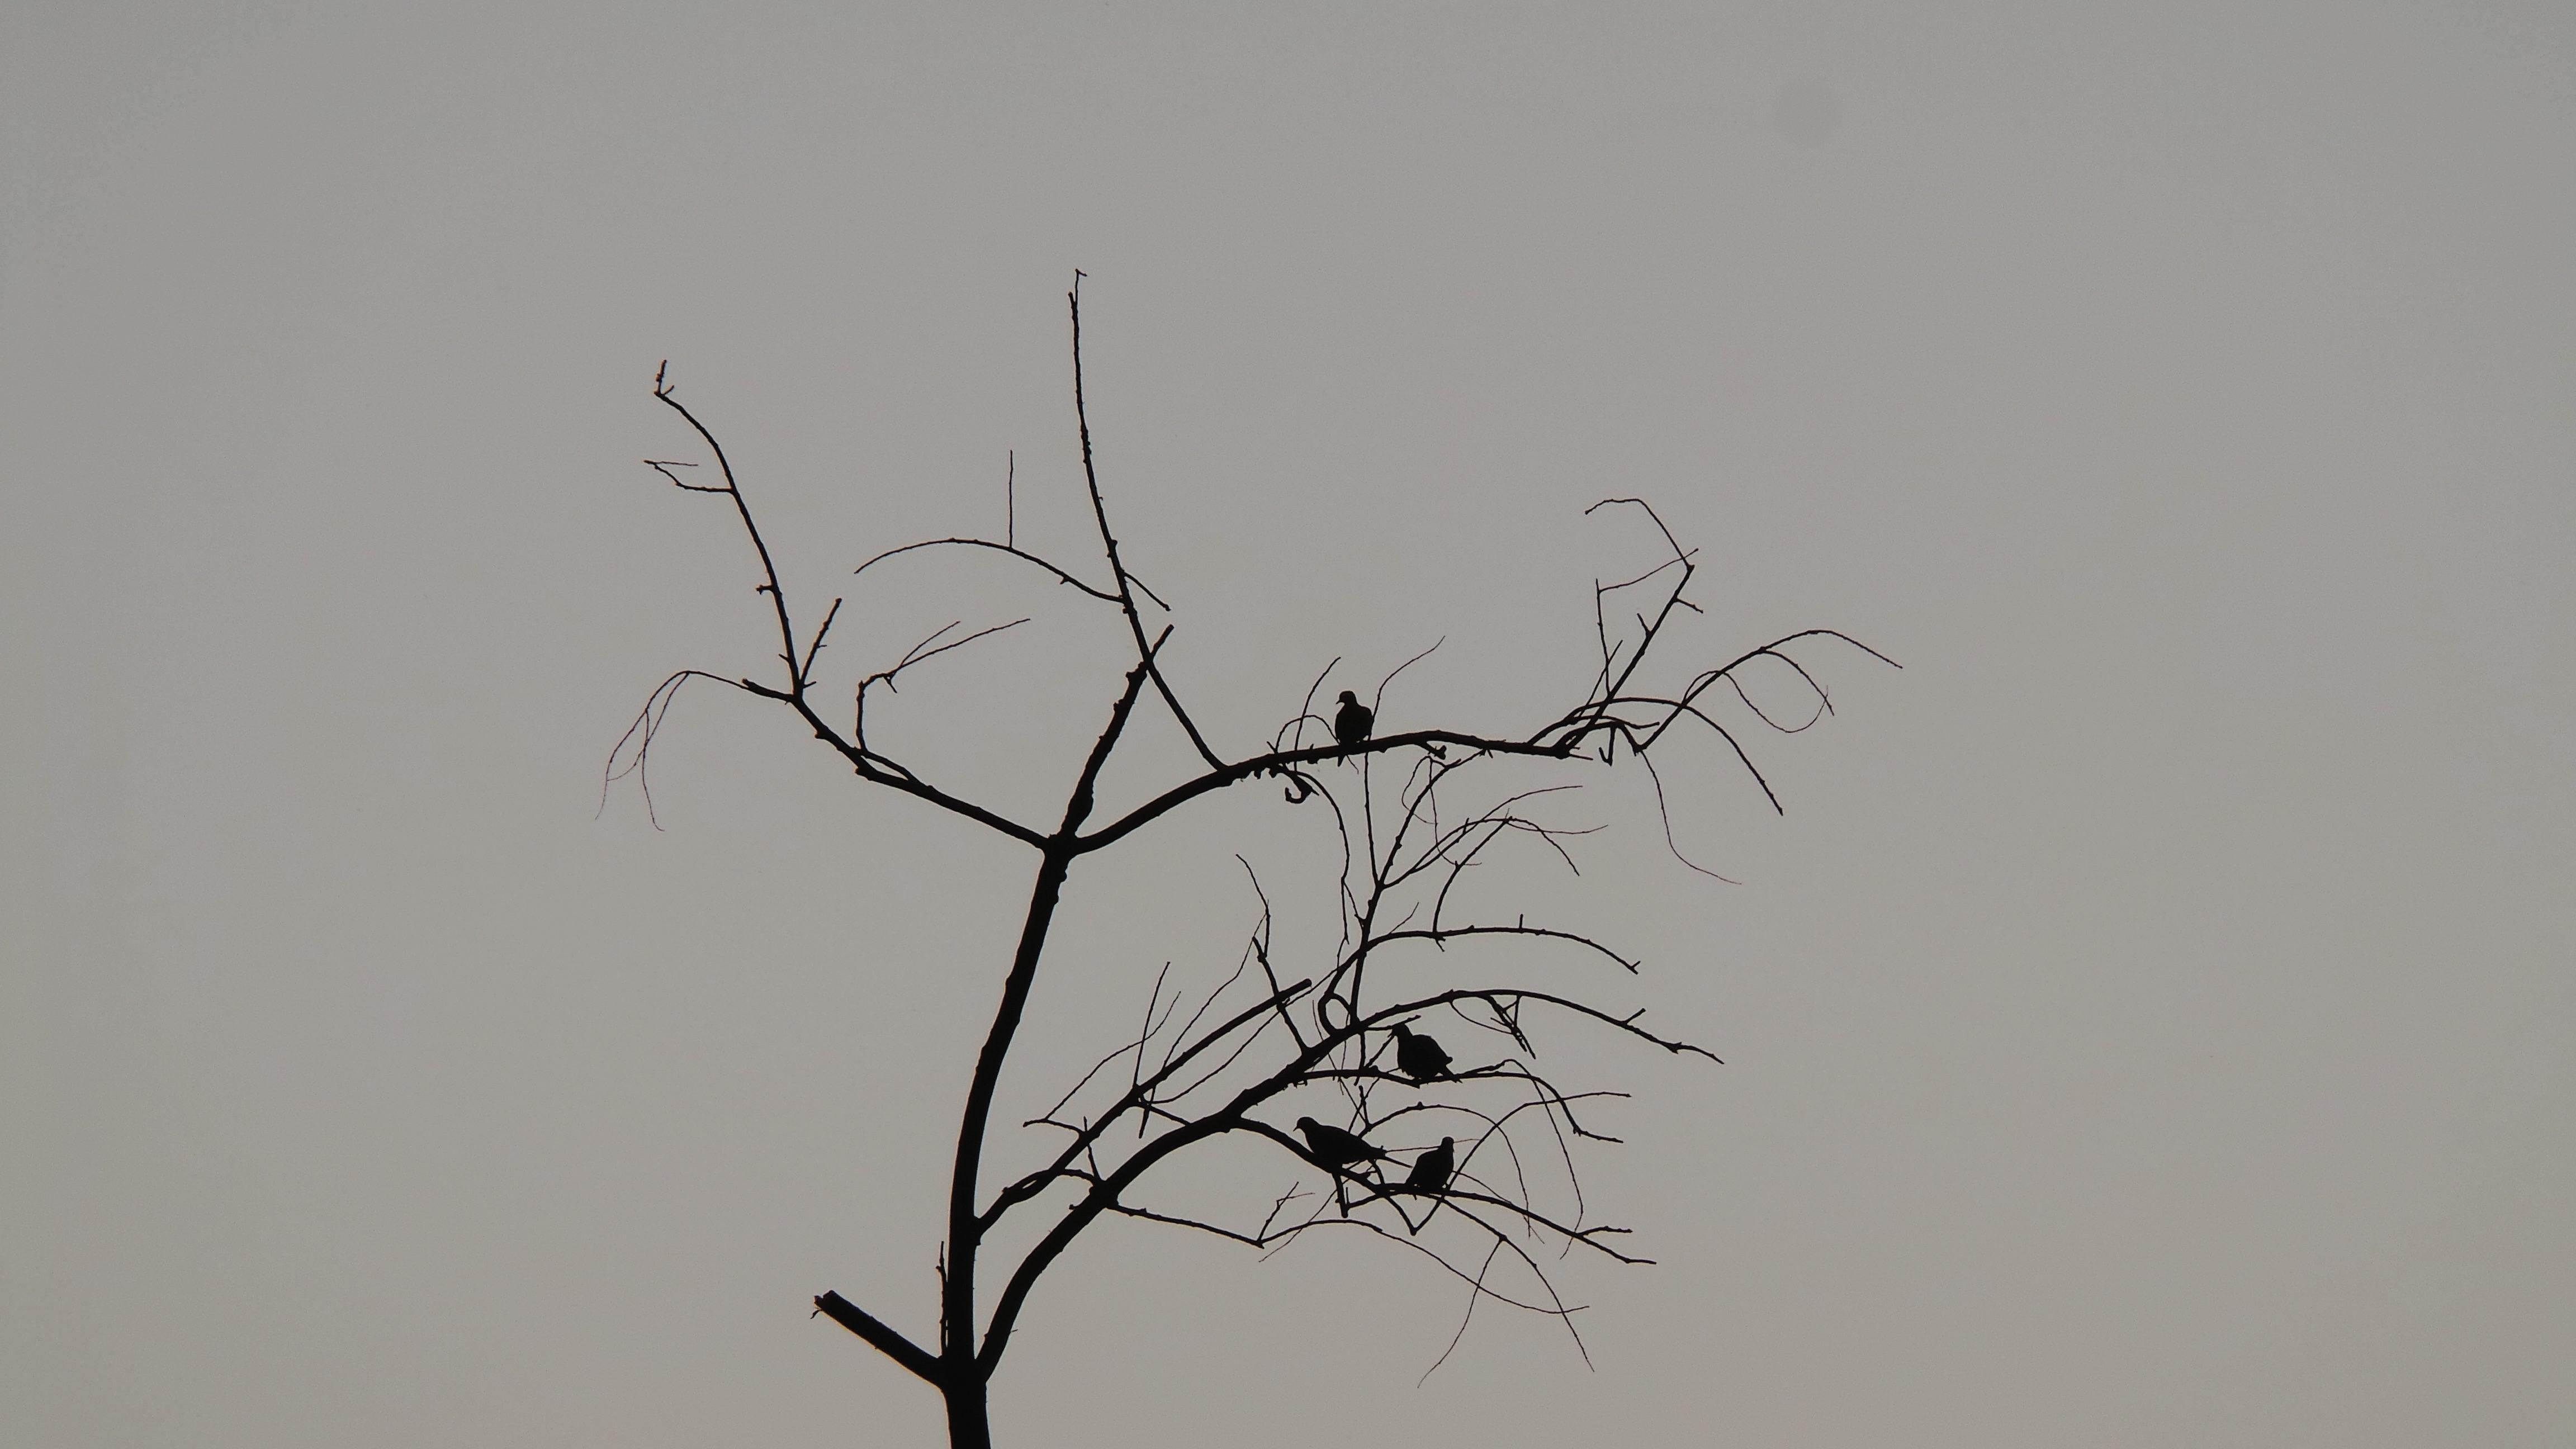 Gambar Rumput Cabang Sayap Langit Angin Kawanan Garis